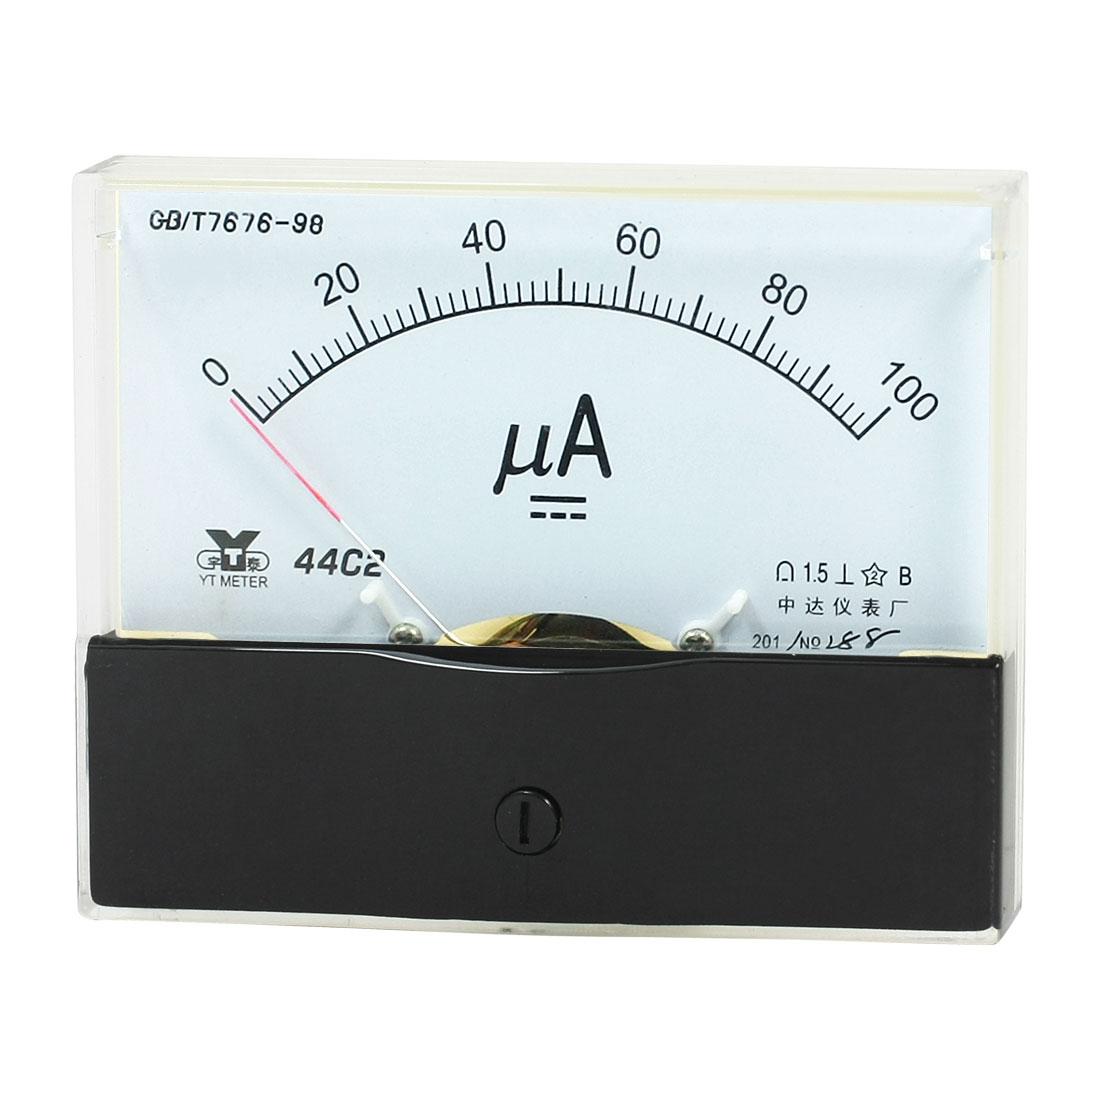 Measurement Tool Panel Mount Analog Ammeter Gauge DC 0 - 100uA Measuring Range 44C2